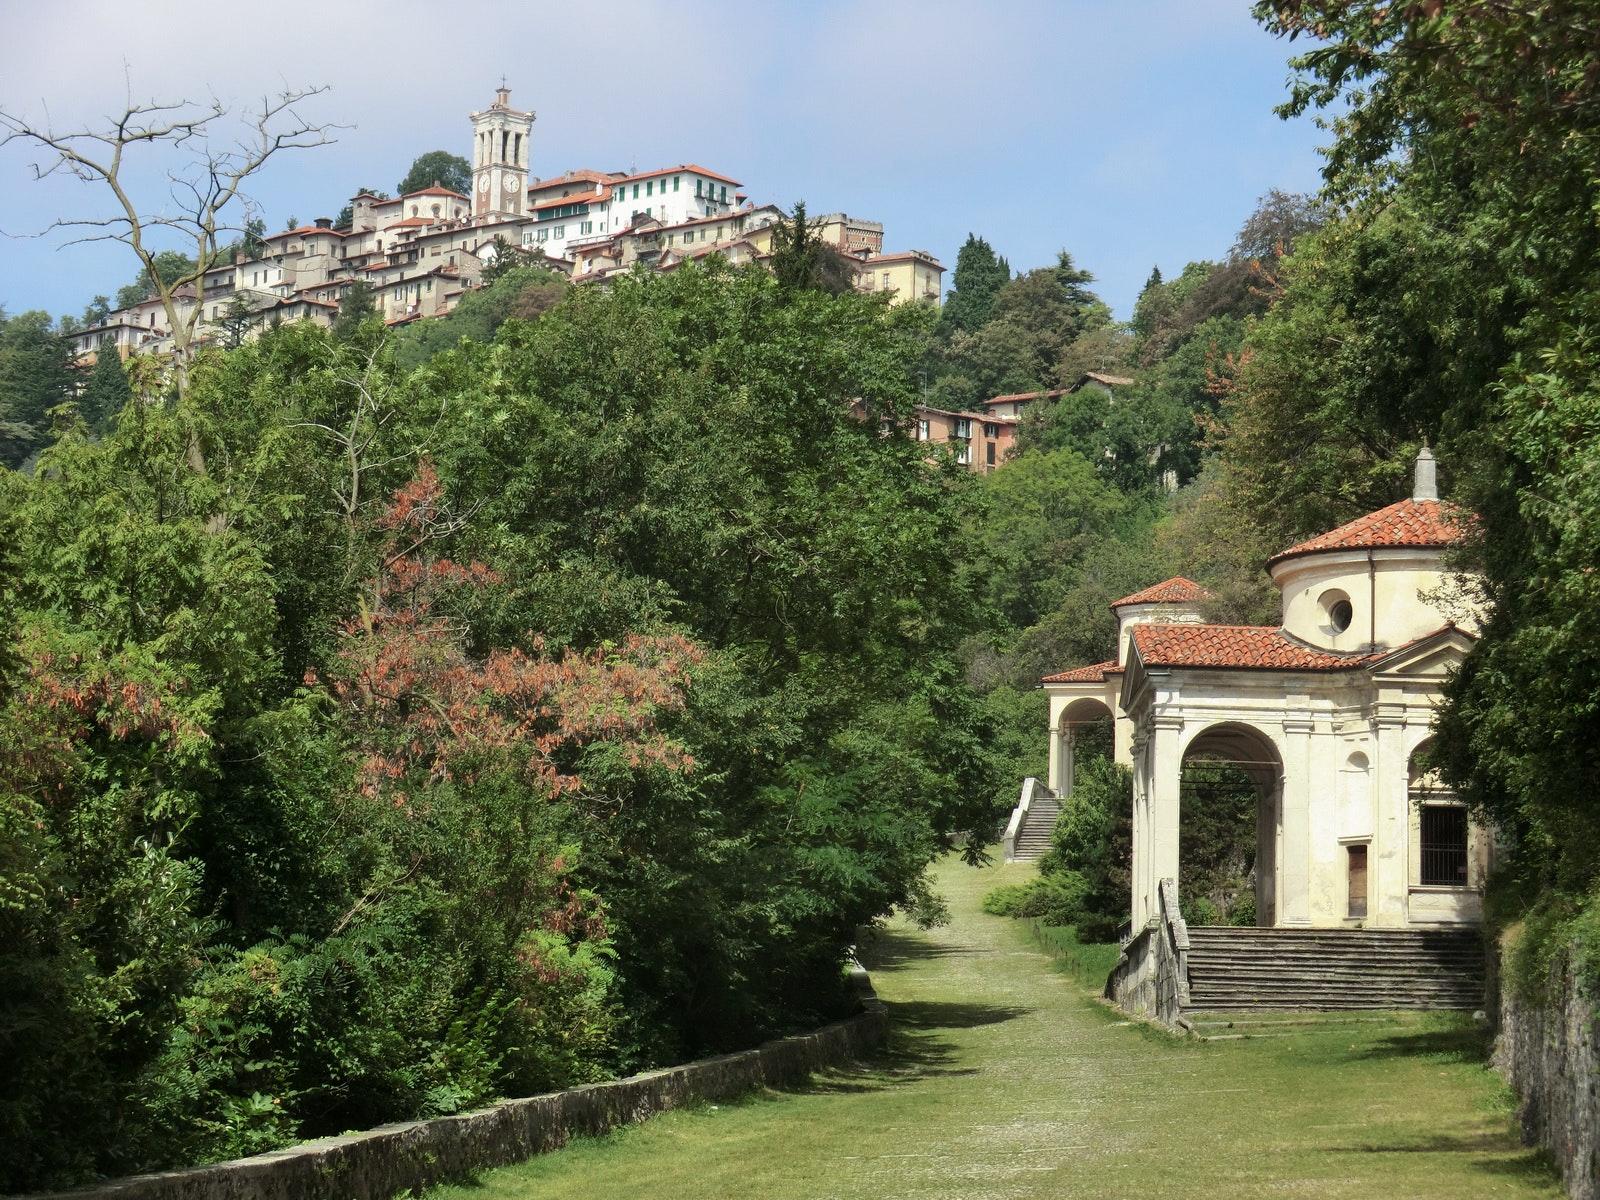 Sacro Monte di Varese, VILLA E COLLEZIONE PANZA, VARESE (VA )